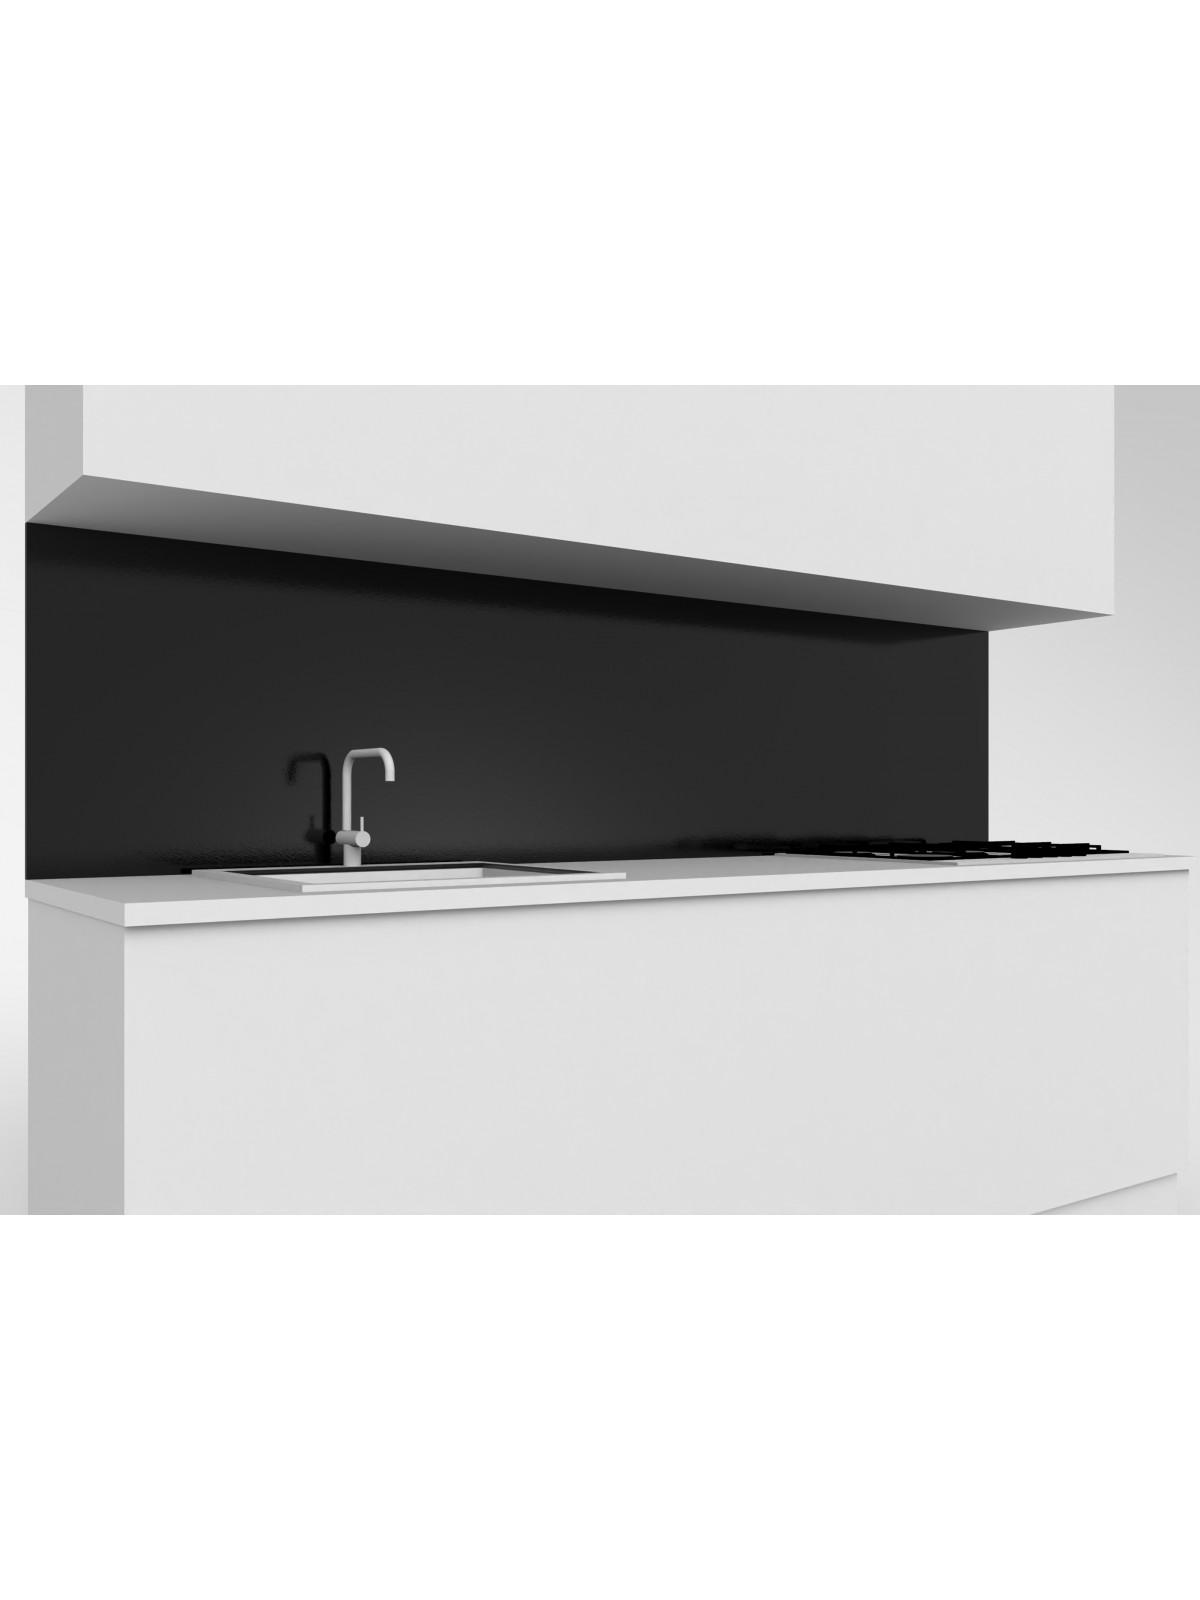 Erhöhte obere mobile Küche in Absolut Schwarz